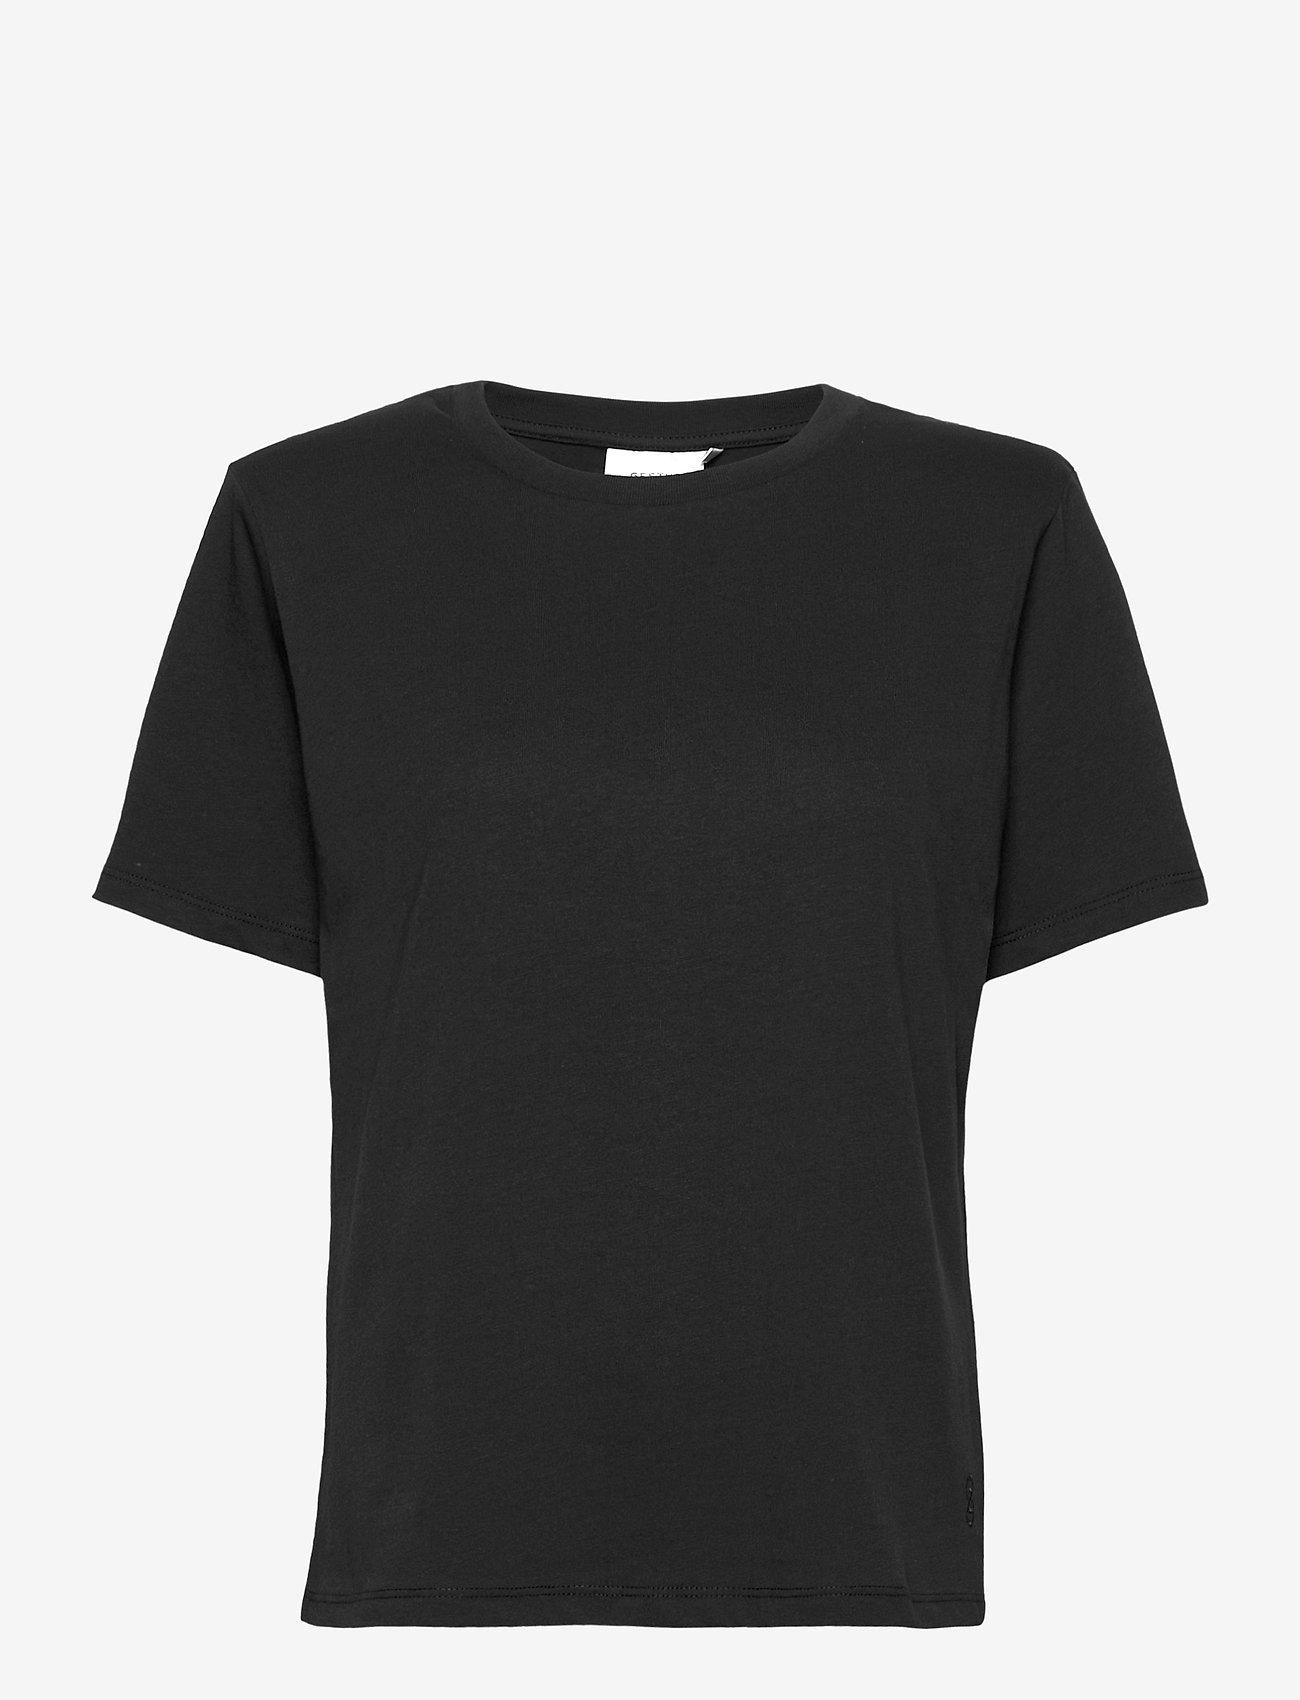 Gestuz - JoryGZ tee - t-shirts - black - 1